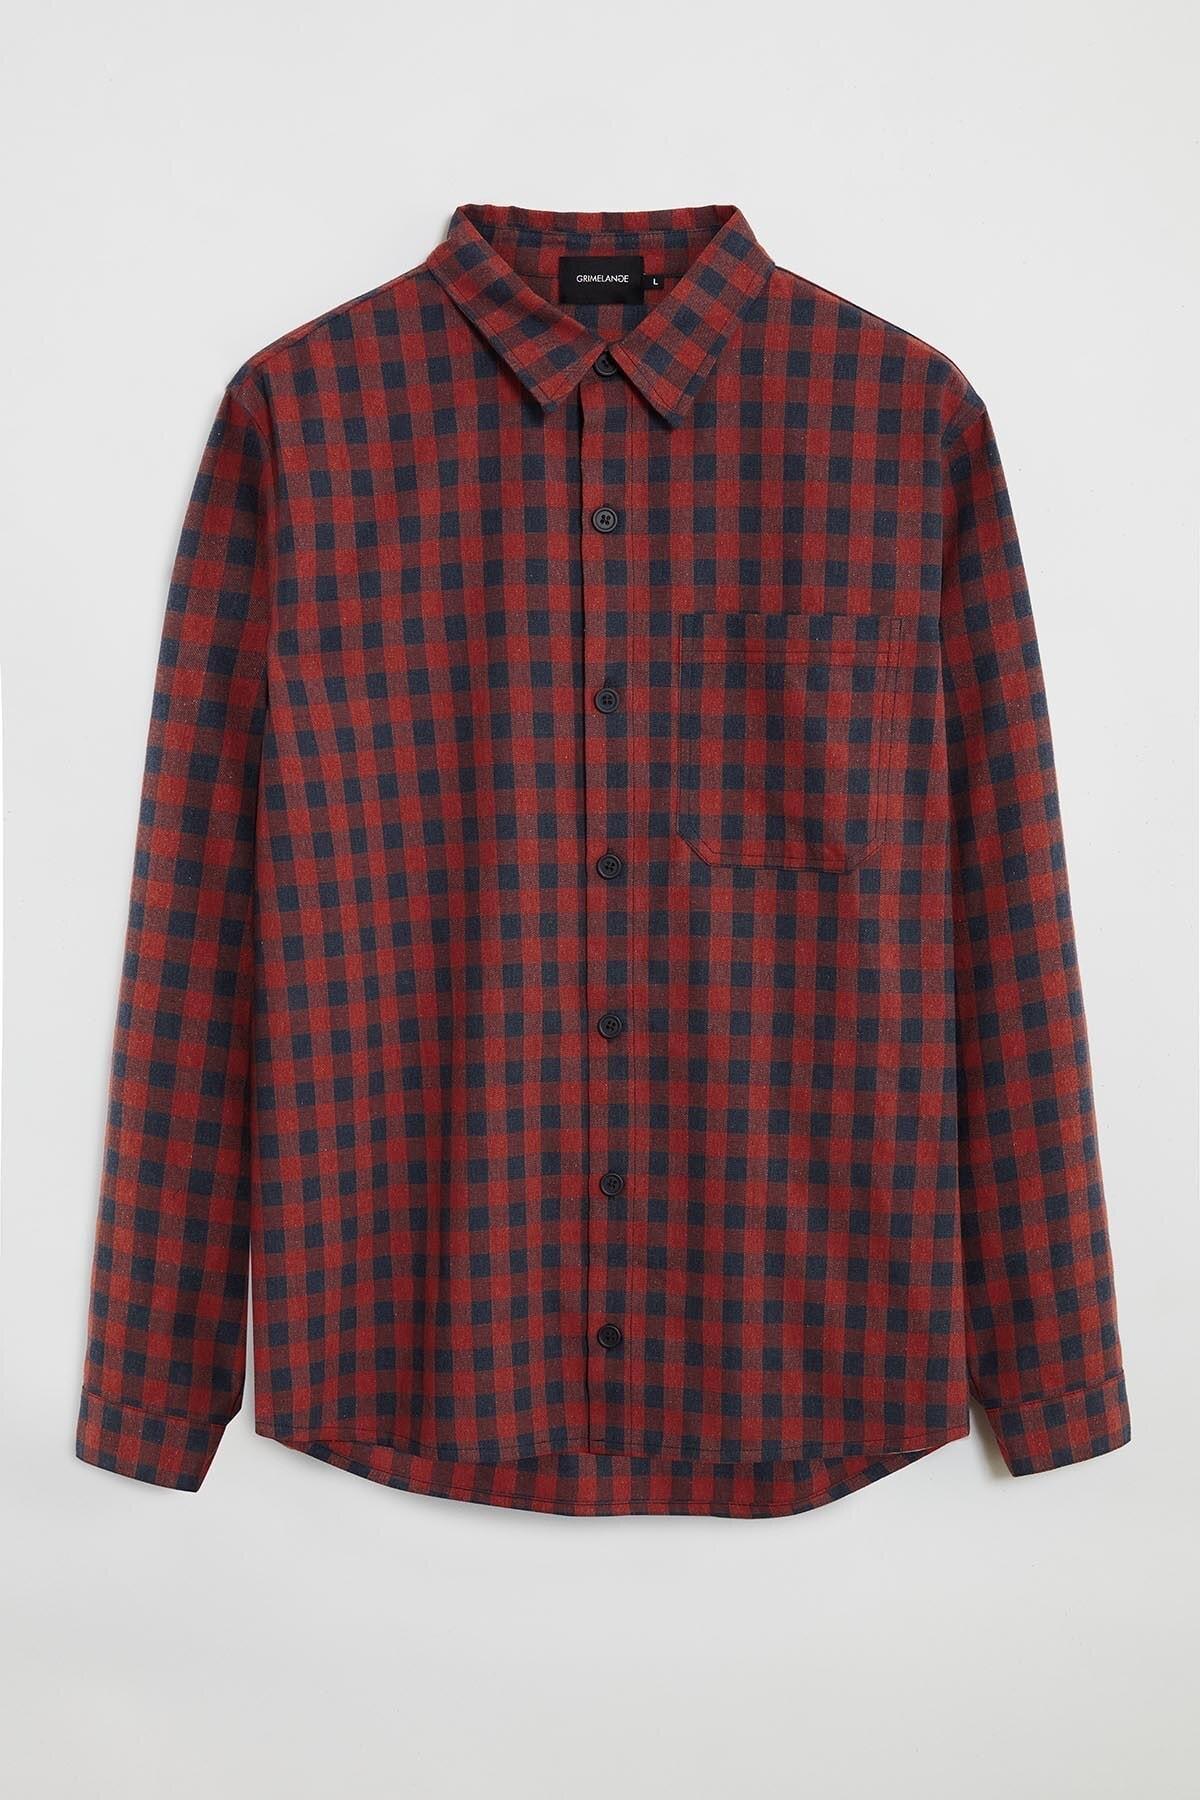 GRIMELANGE BRETT Erkek Kırmızı Kareli Regular Gömlek 0